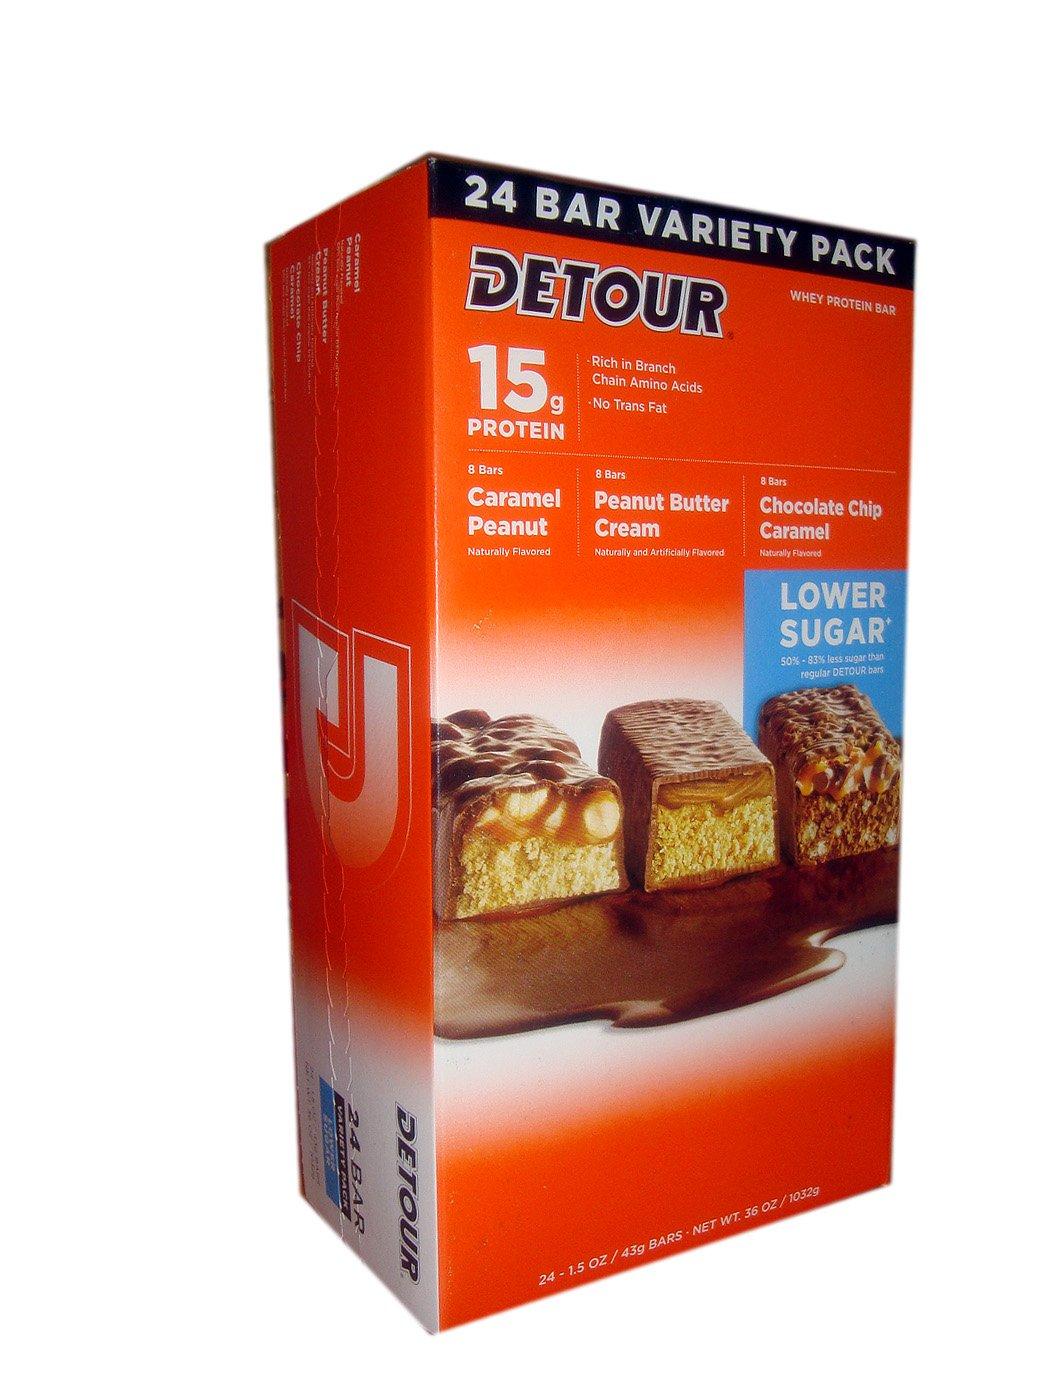 Detour bars low sugar